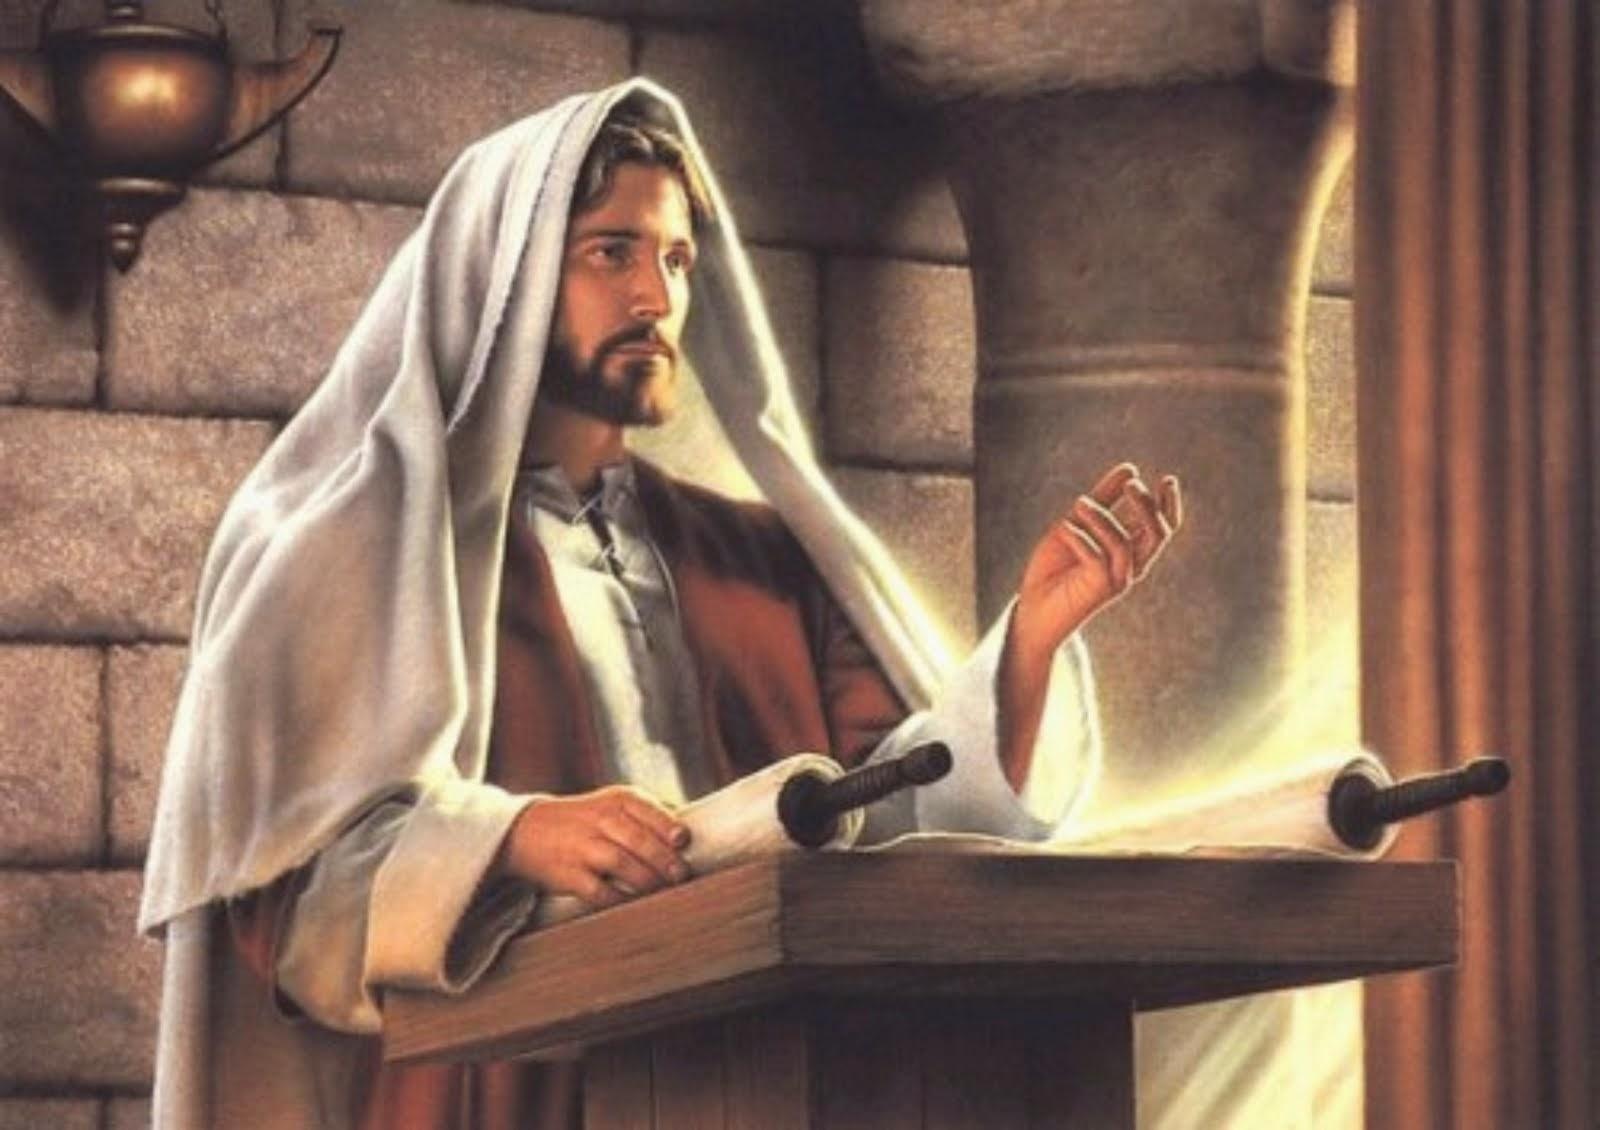 Tiếp nối sứ mạng của Chúa Giê-su. Suy niệm Tin mừng Chúa nhật 3 TN